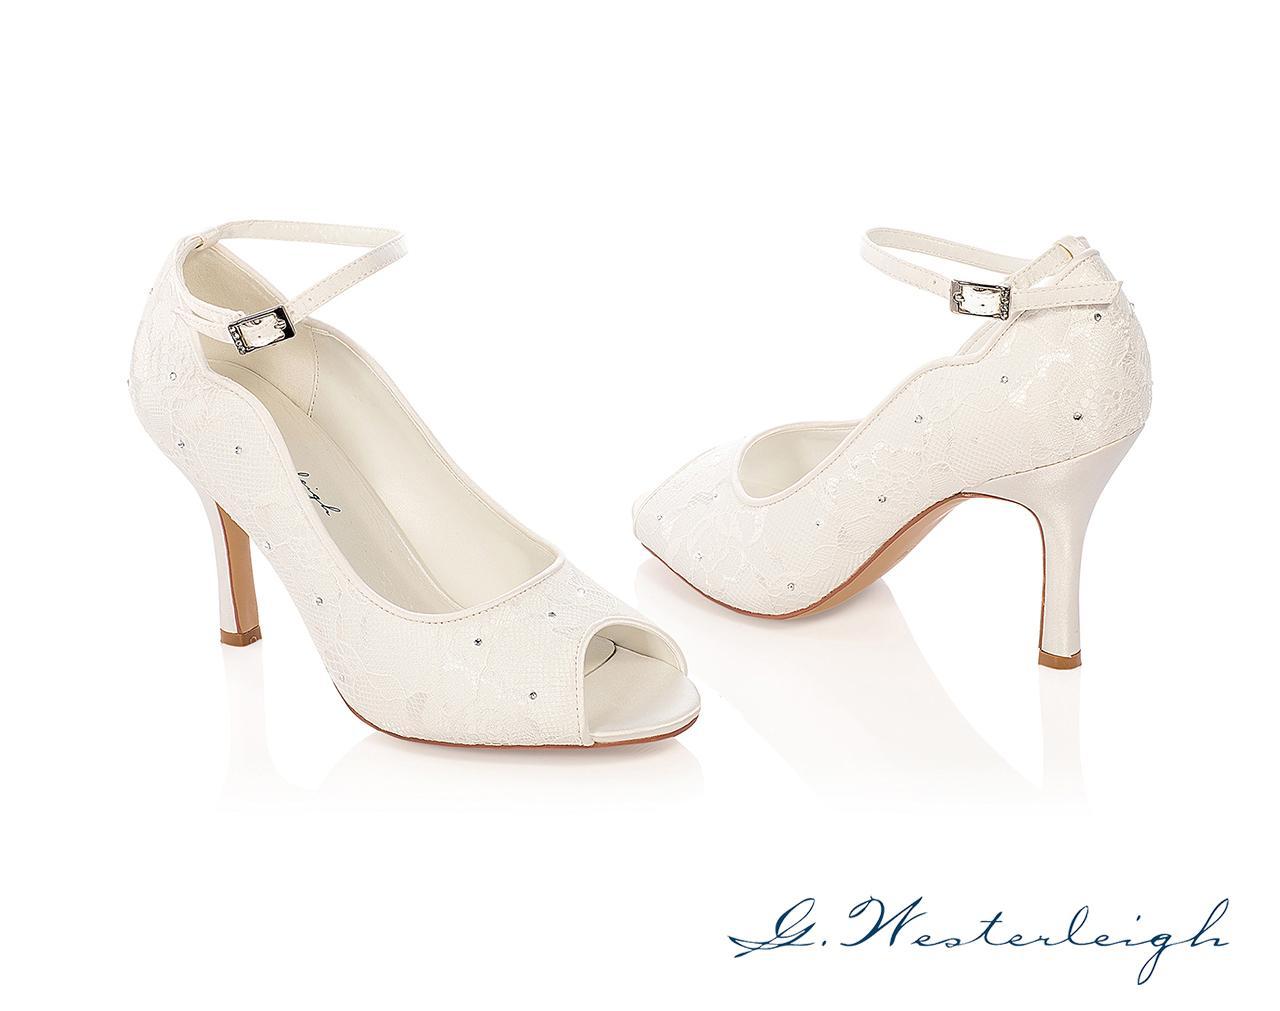 Svadobné topánky Michelle - Obrázok č. 1